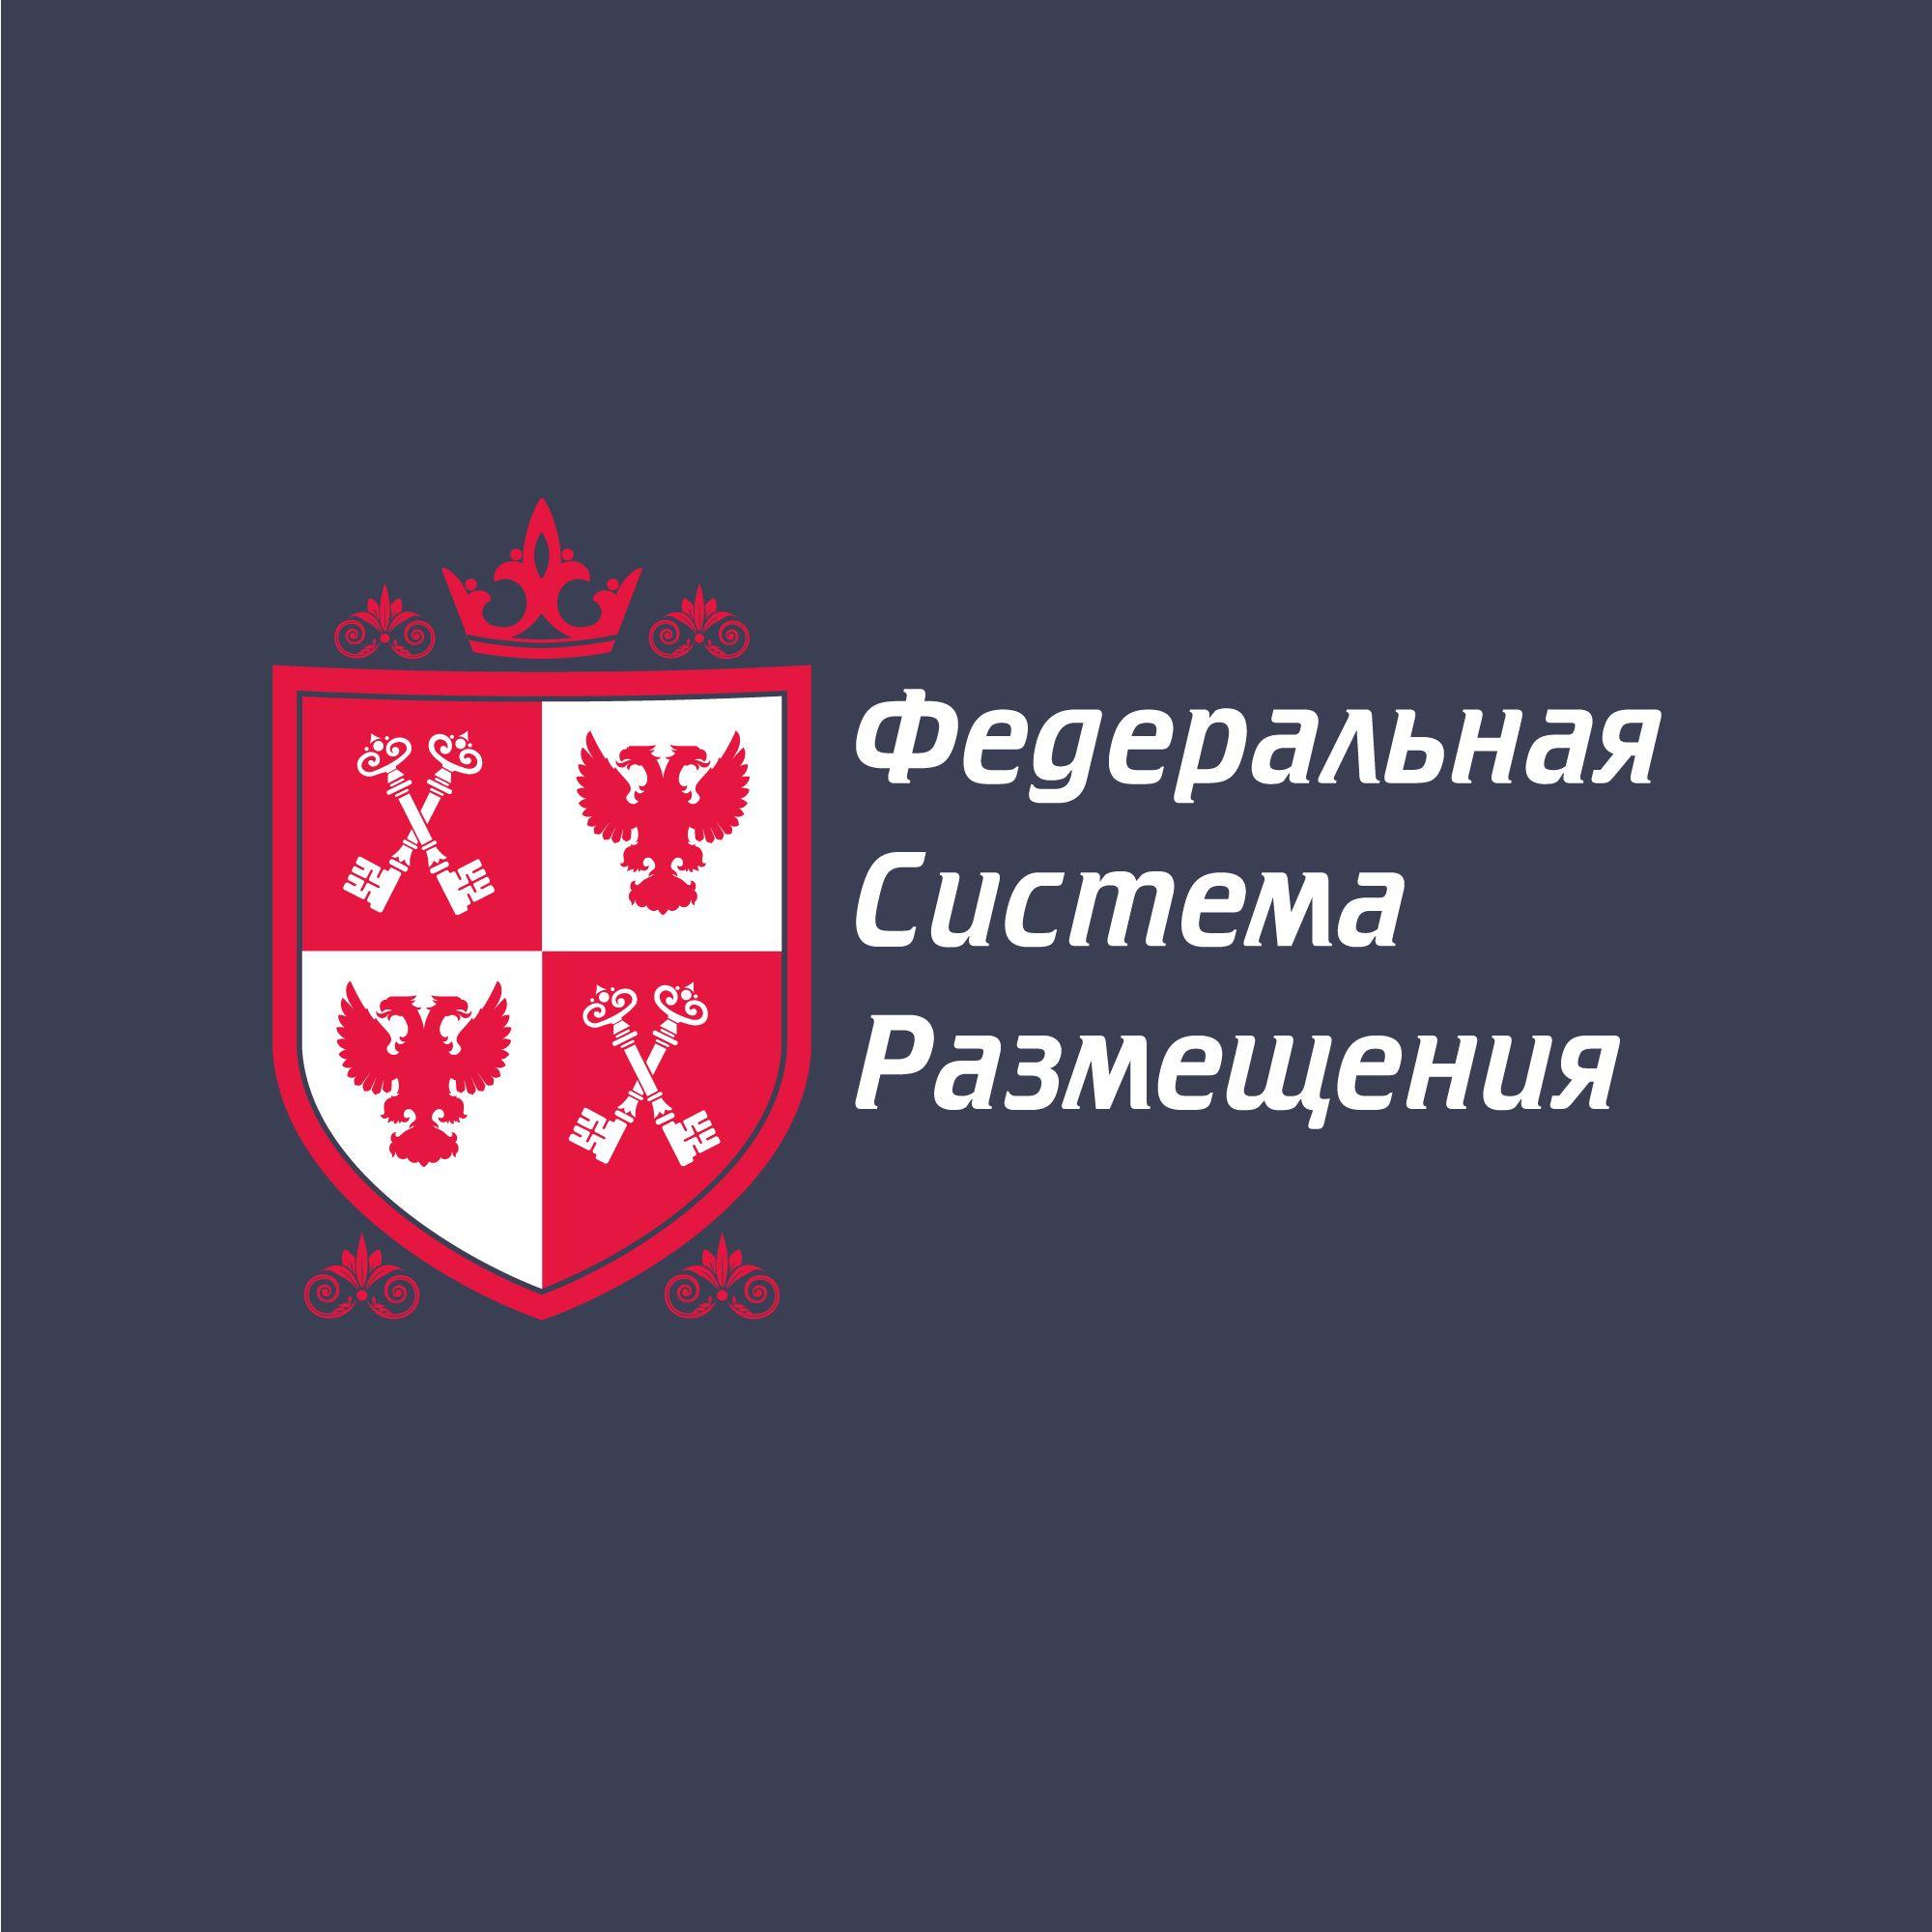 Логотип для Федеральная сеть размещения - дизайнер donskoy_design